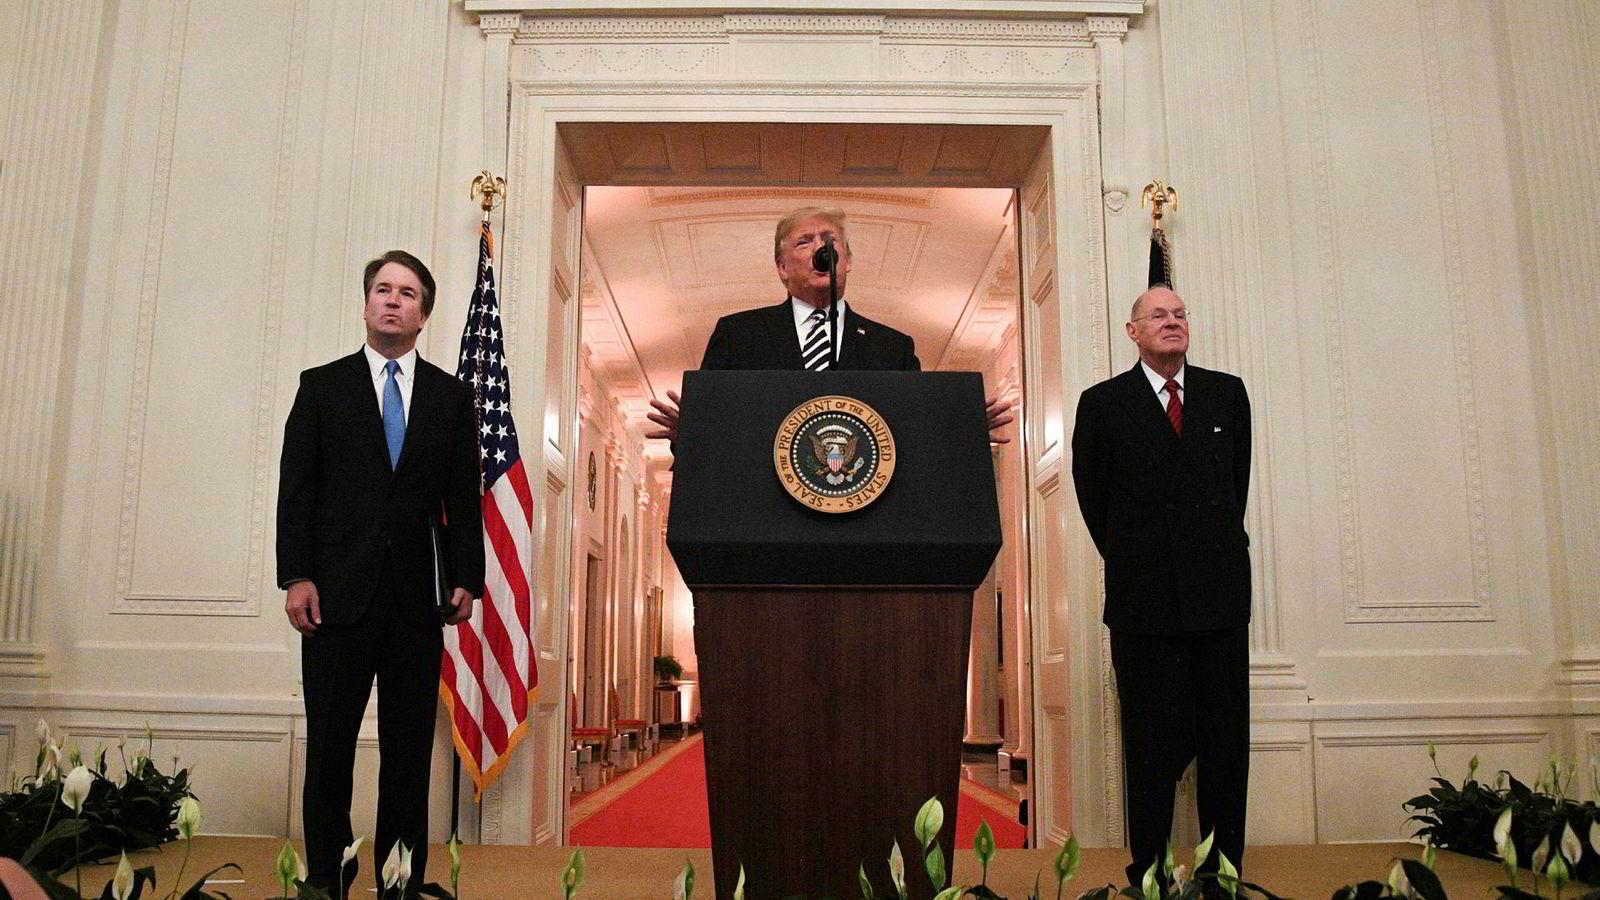 Brett Kavanaugh (til venstre) og pensjonert høyesterettsdommer Anthony Kennedy (til høyre) hører på Donald Trumps tale under seremonien i Det hvite hus mandag.